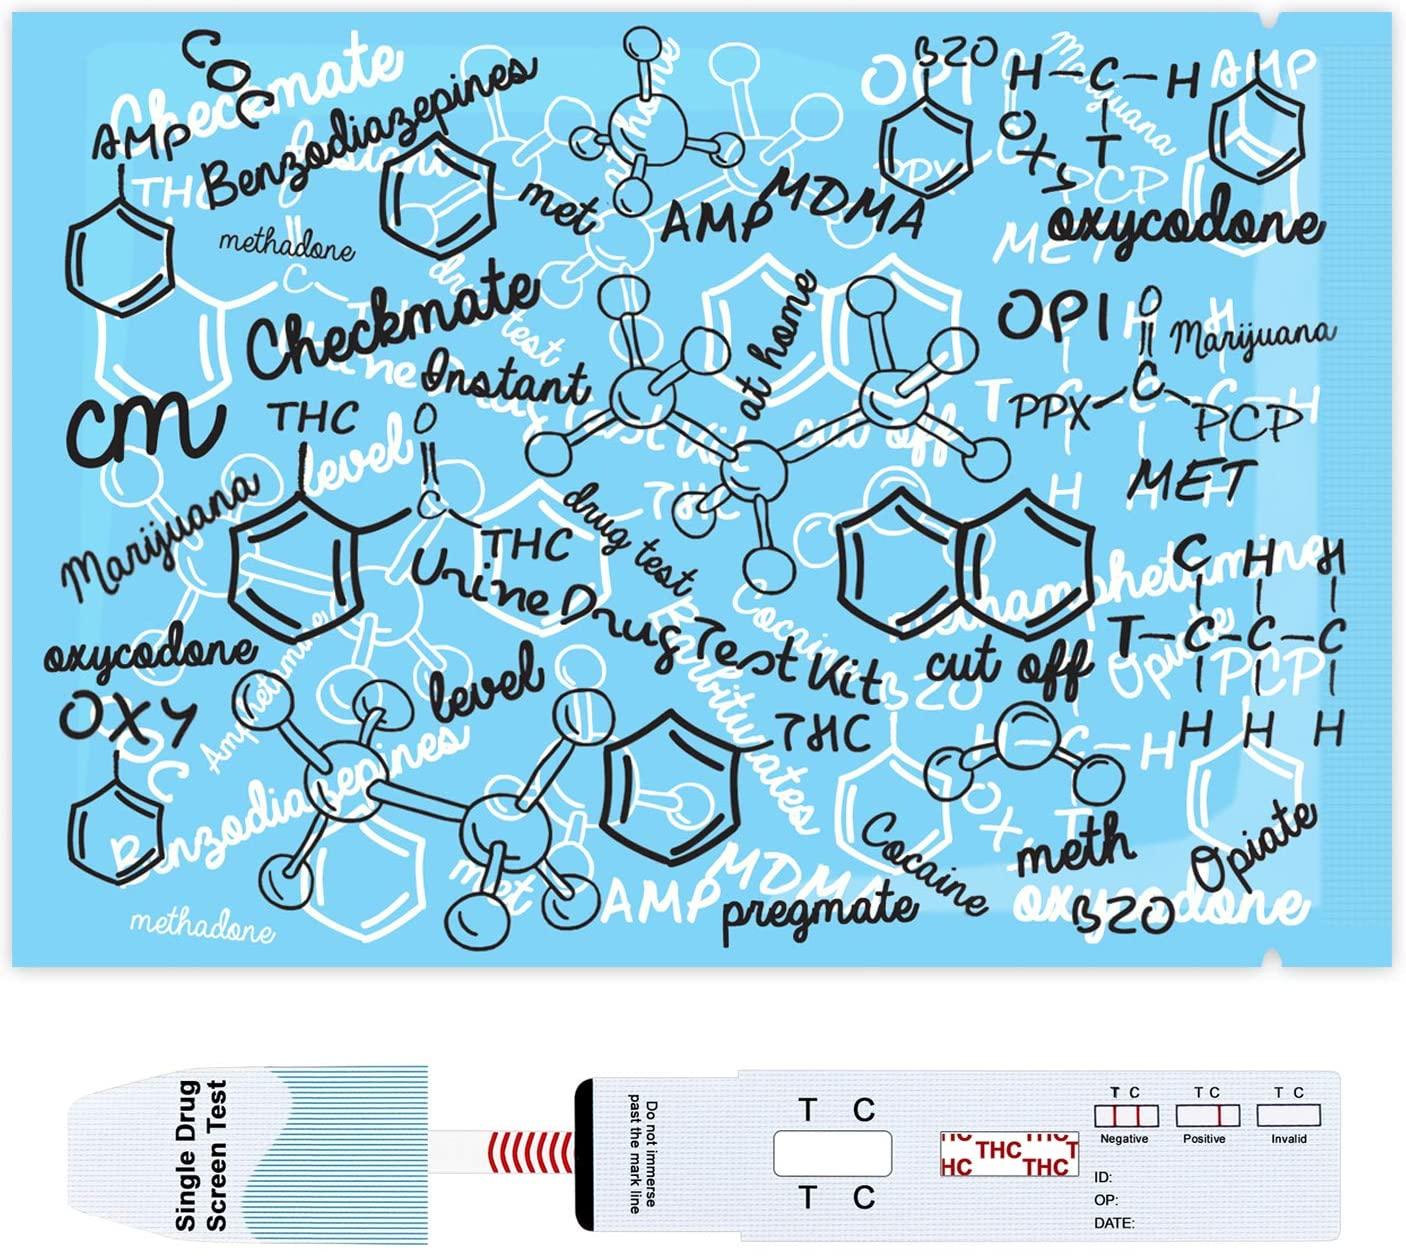 PREGMATE Marijuana THC Urnie Drug Test Kit (25 Pack)